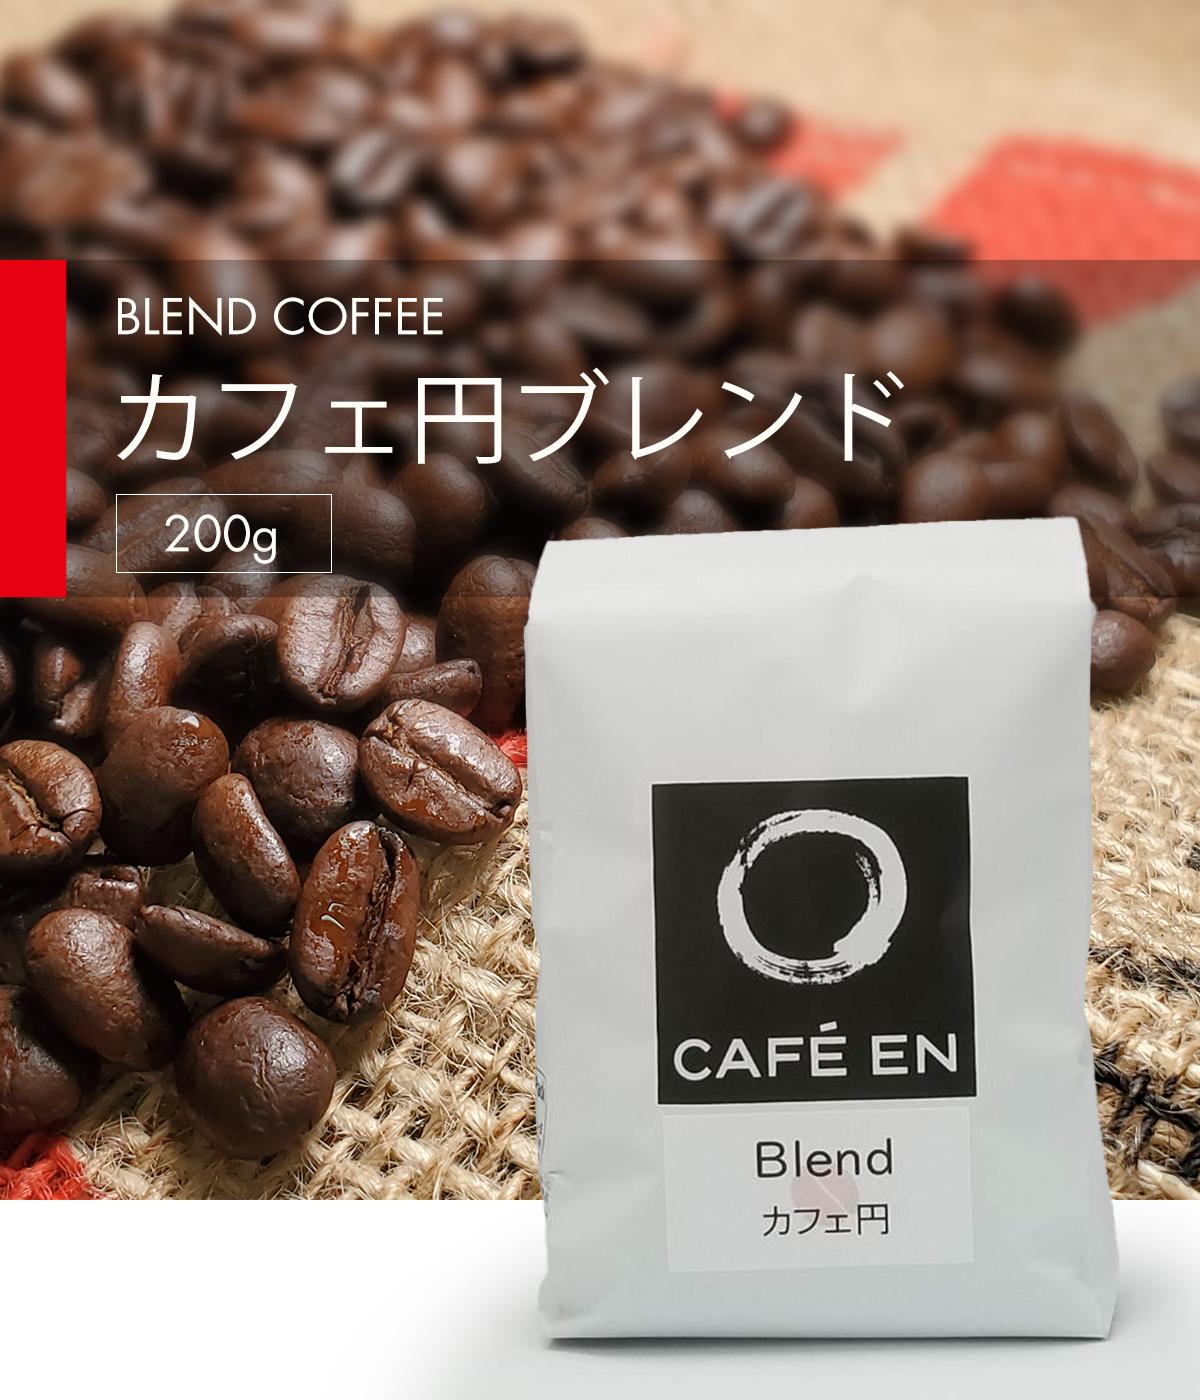 カフェ円ブレンド